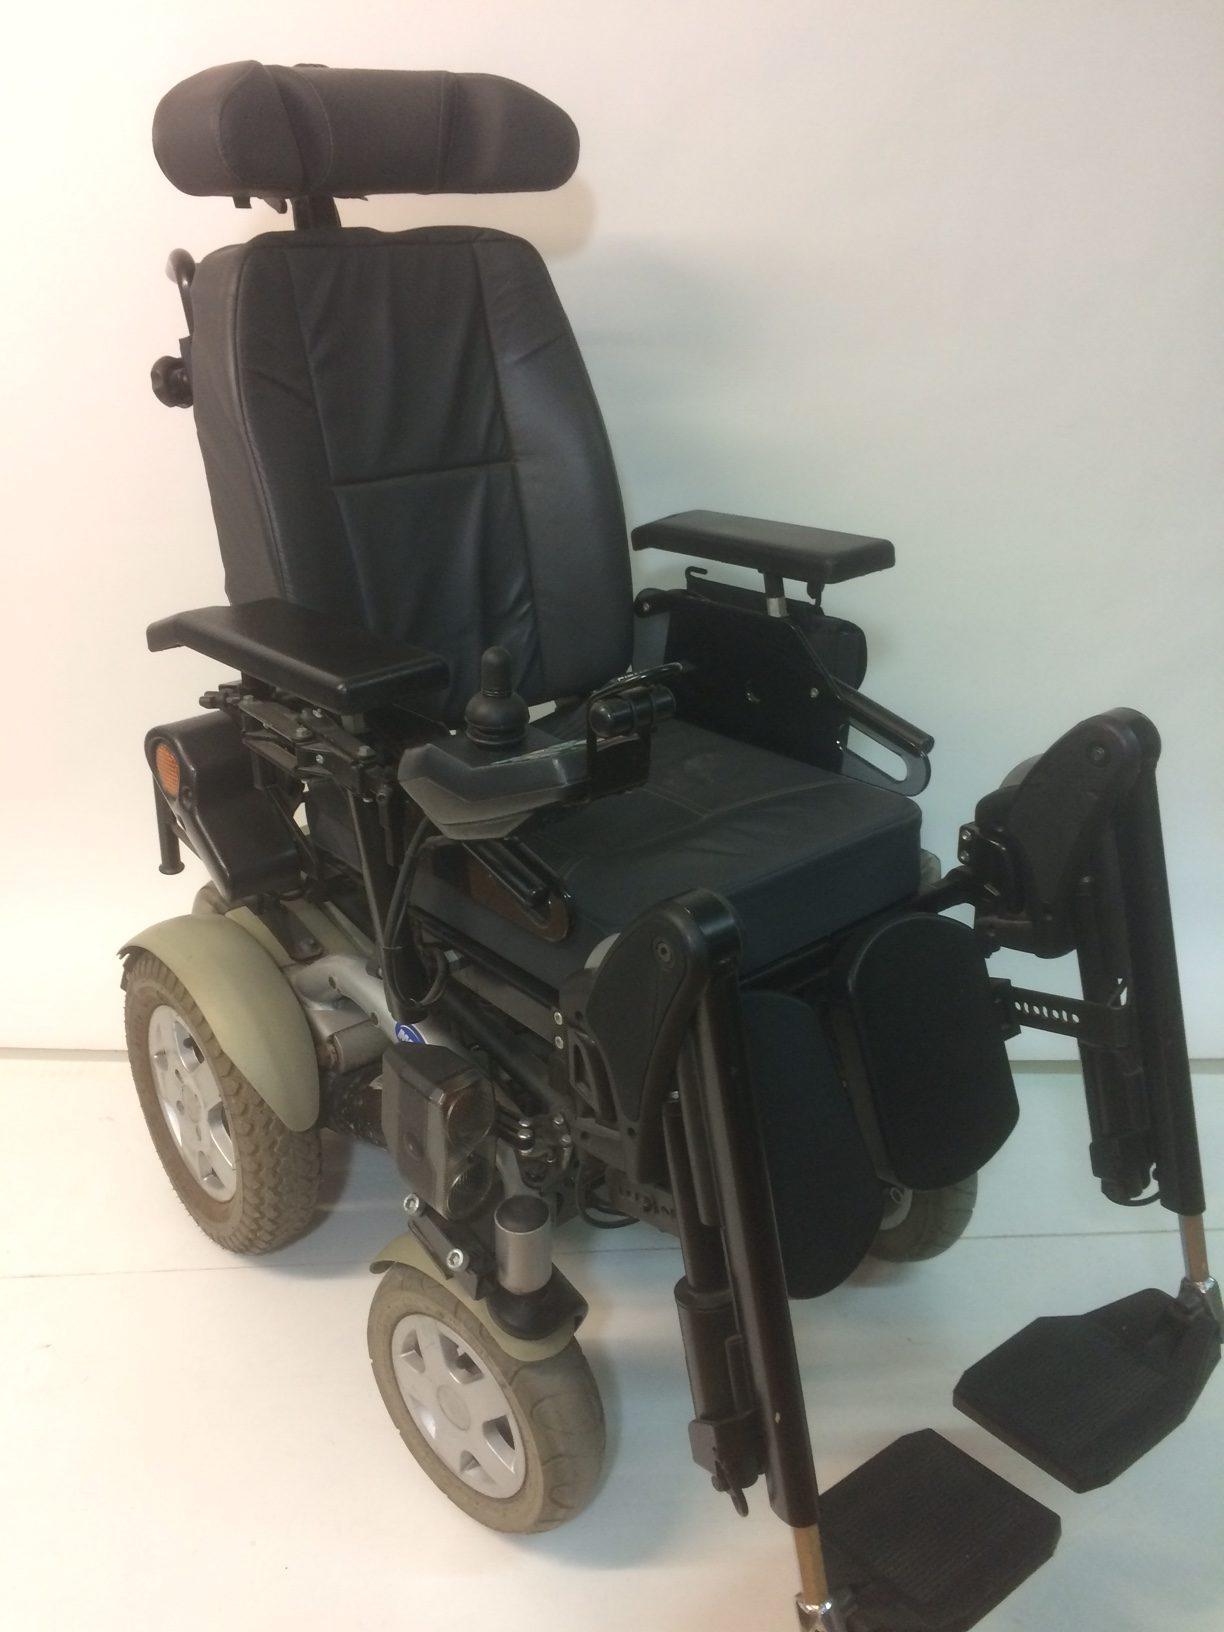 fauteuil roulant lectrique invacare storm 3 access 39 sant. Black Bedroom Furniture Sets. Home Design Ideas